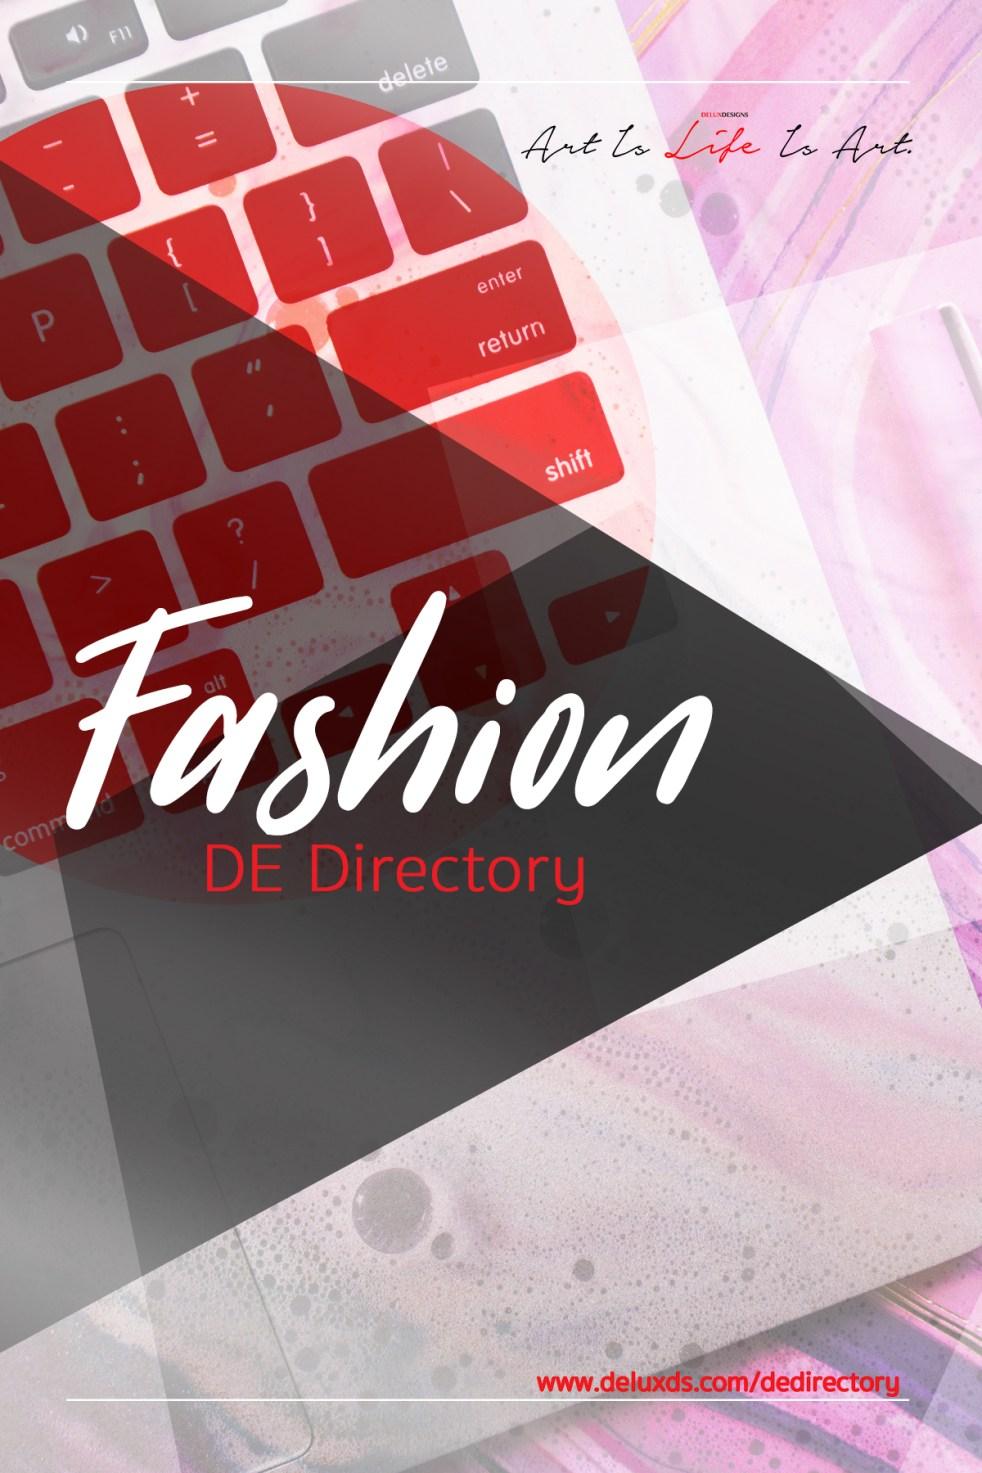 DE Directory - Fashion Pinterest